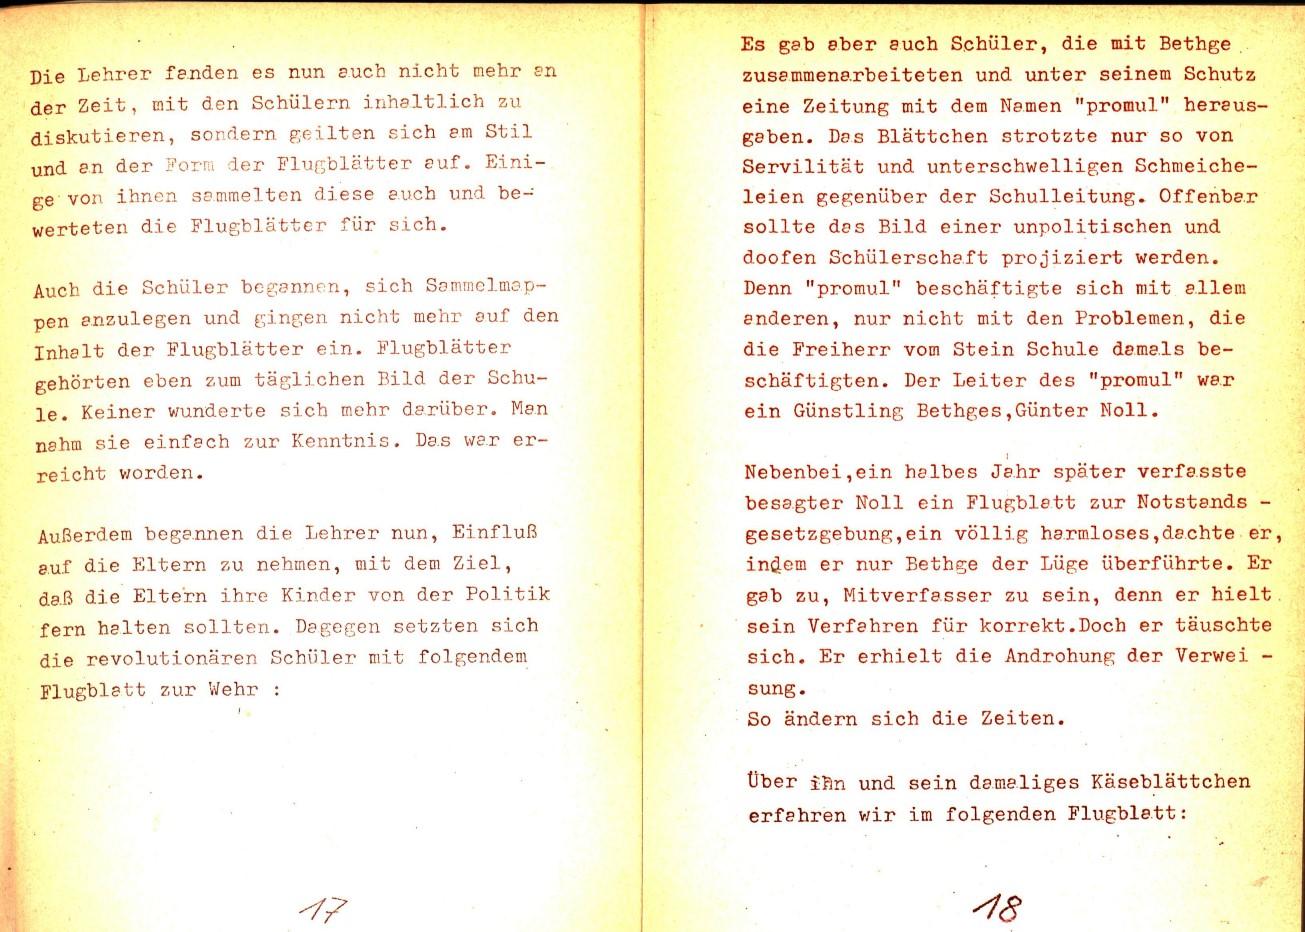 Berlin_SMV_Broschuere_Schulkampf_1969_11